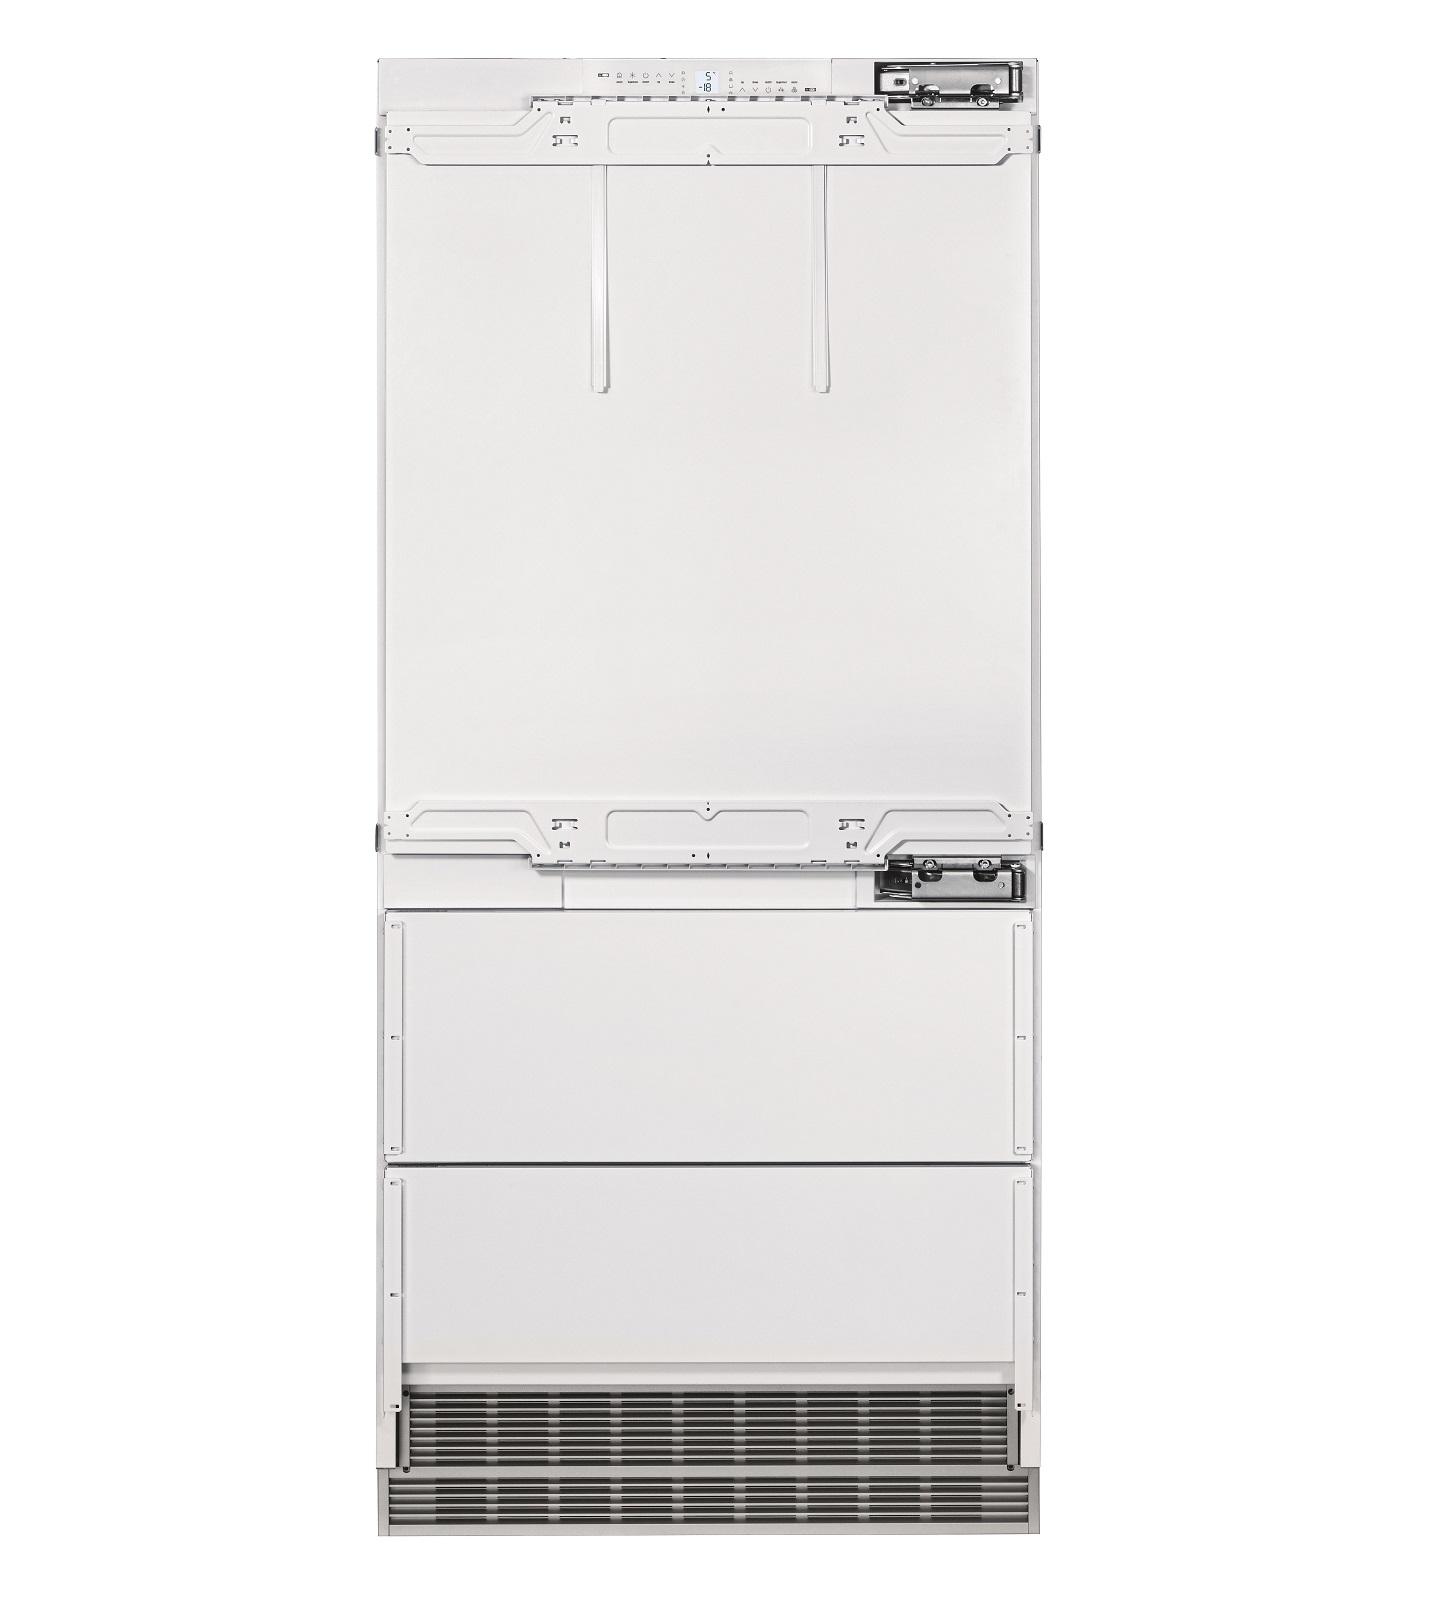 купить Встраиваемый двухкамерный холодильник Liebherr ECBN 6156 Украина фото 10